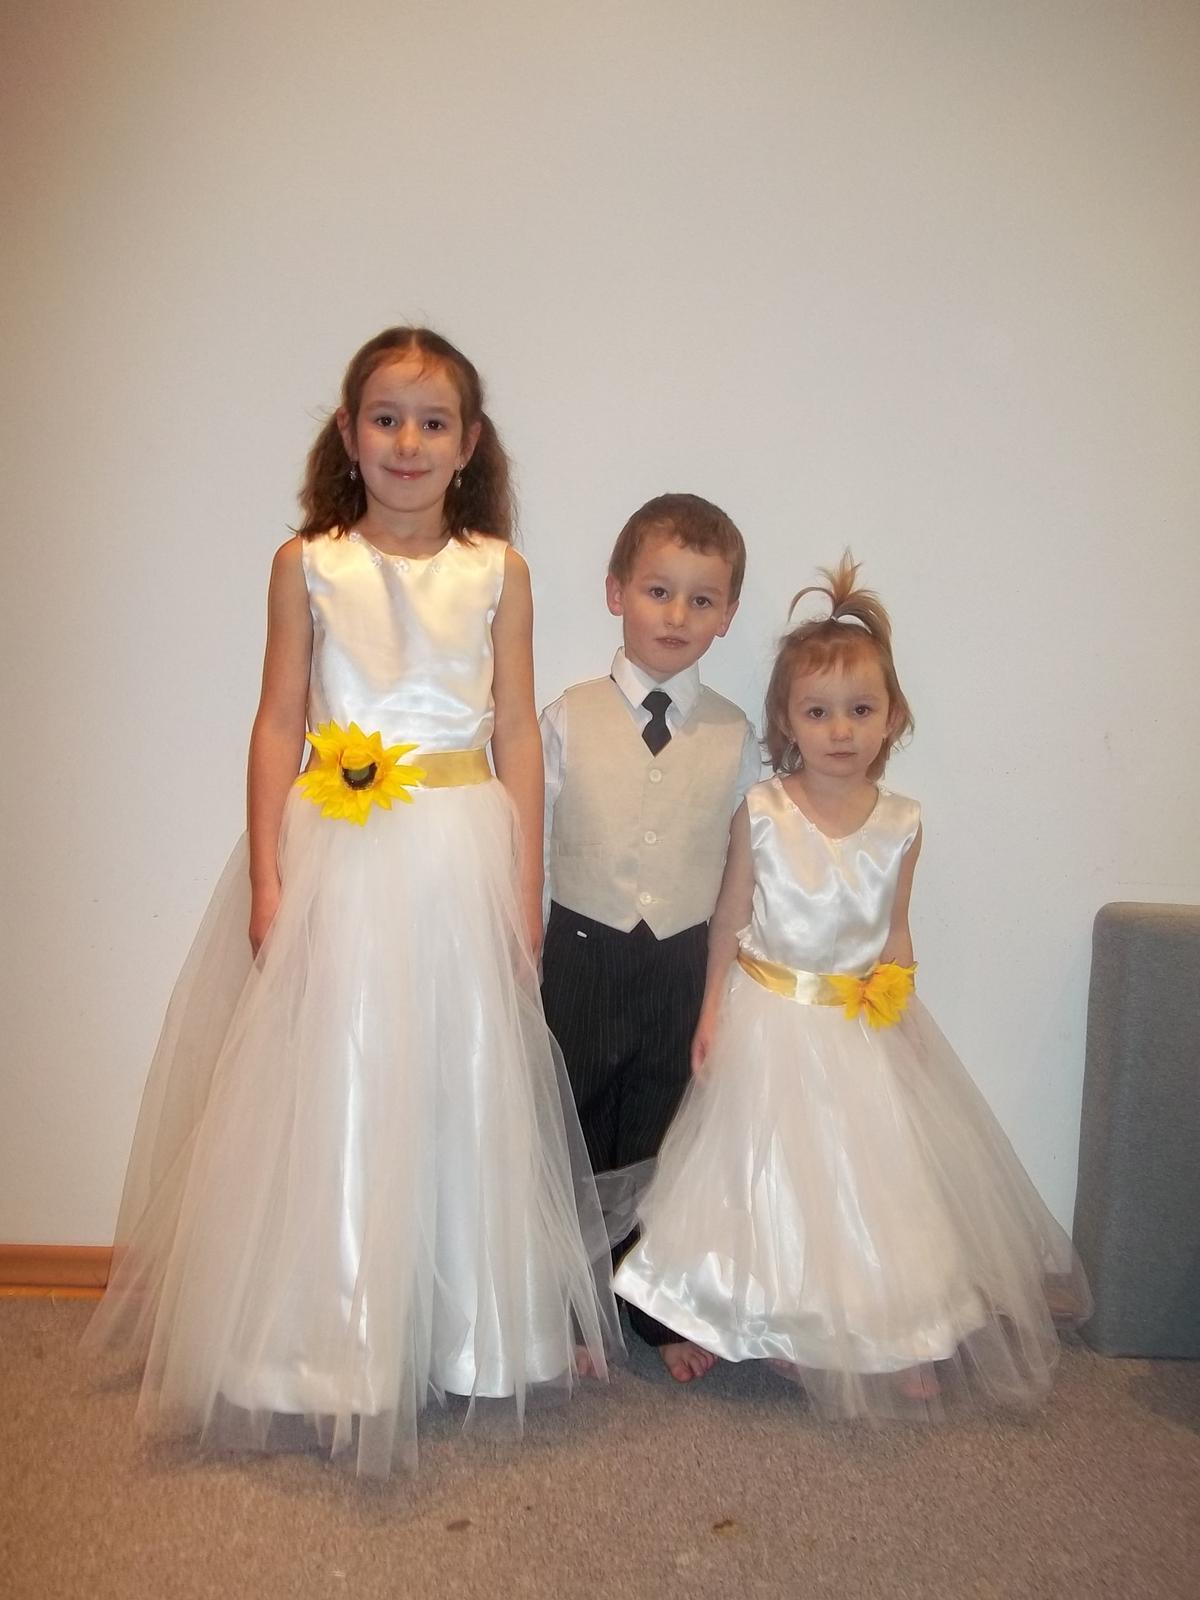 Moje vytvory na svadby - dievčatam som ušila šaty podla želania nevesty